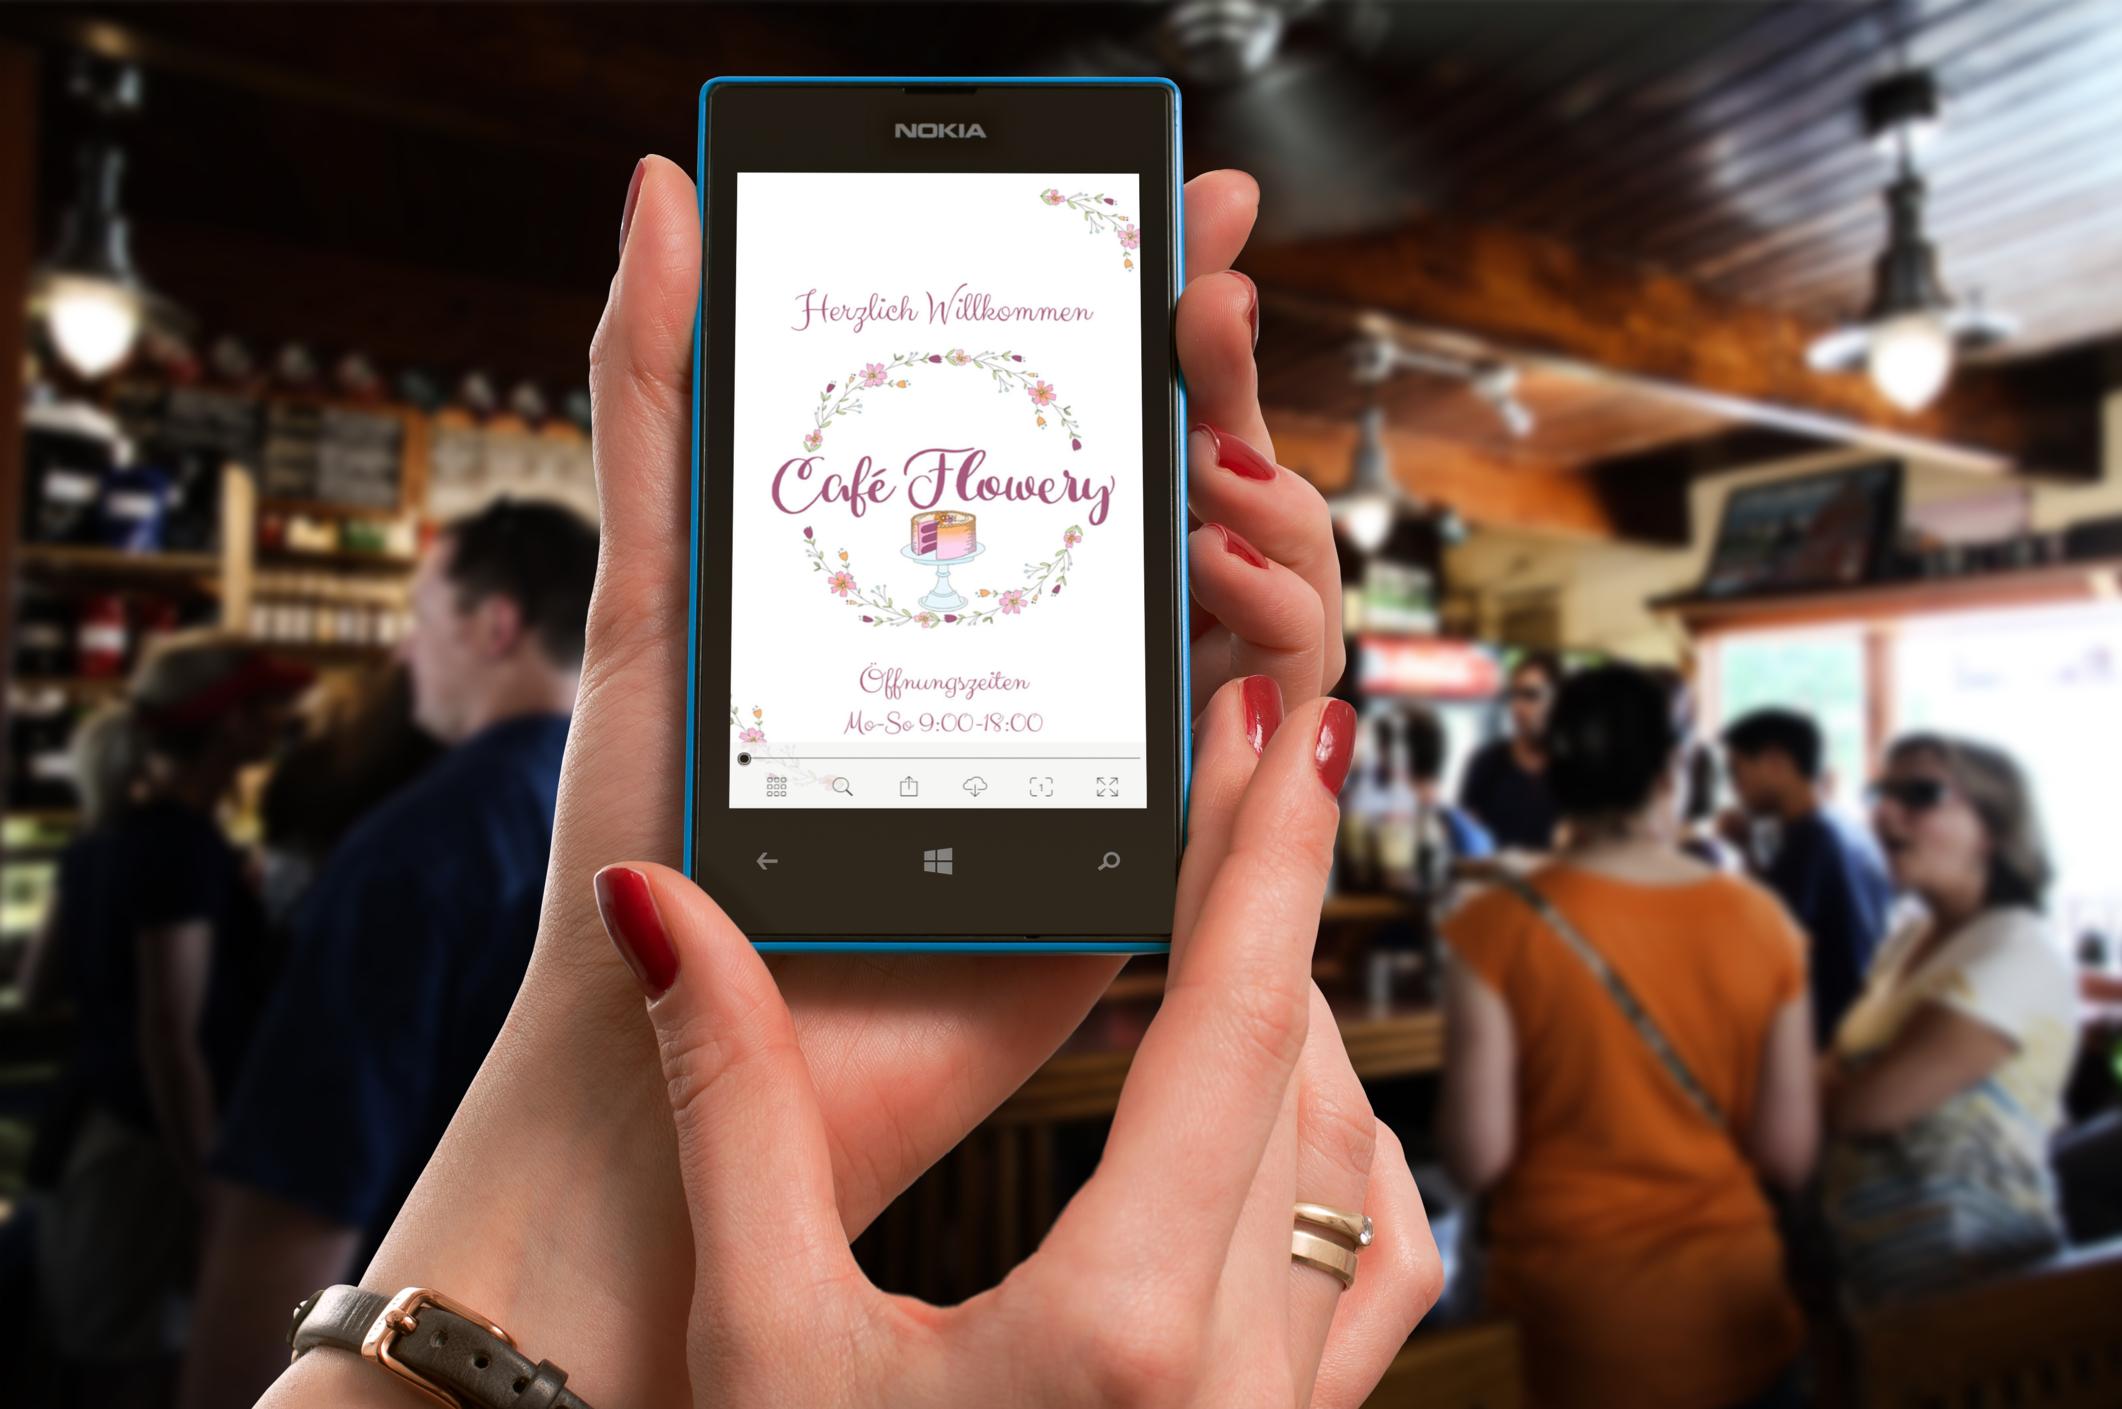 Die digitale Speisekarte wird online über ein Smartphone aufgerufen